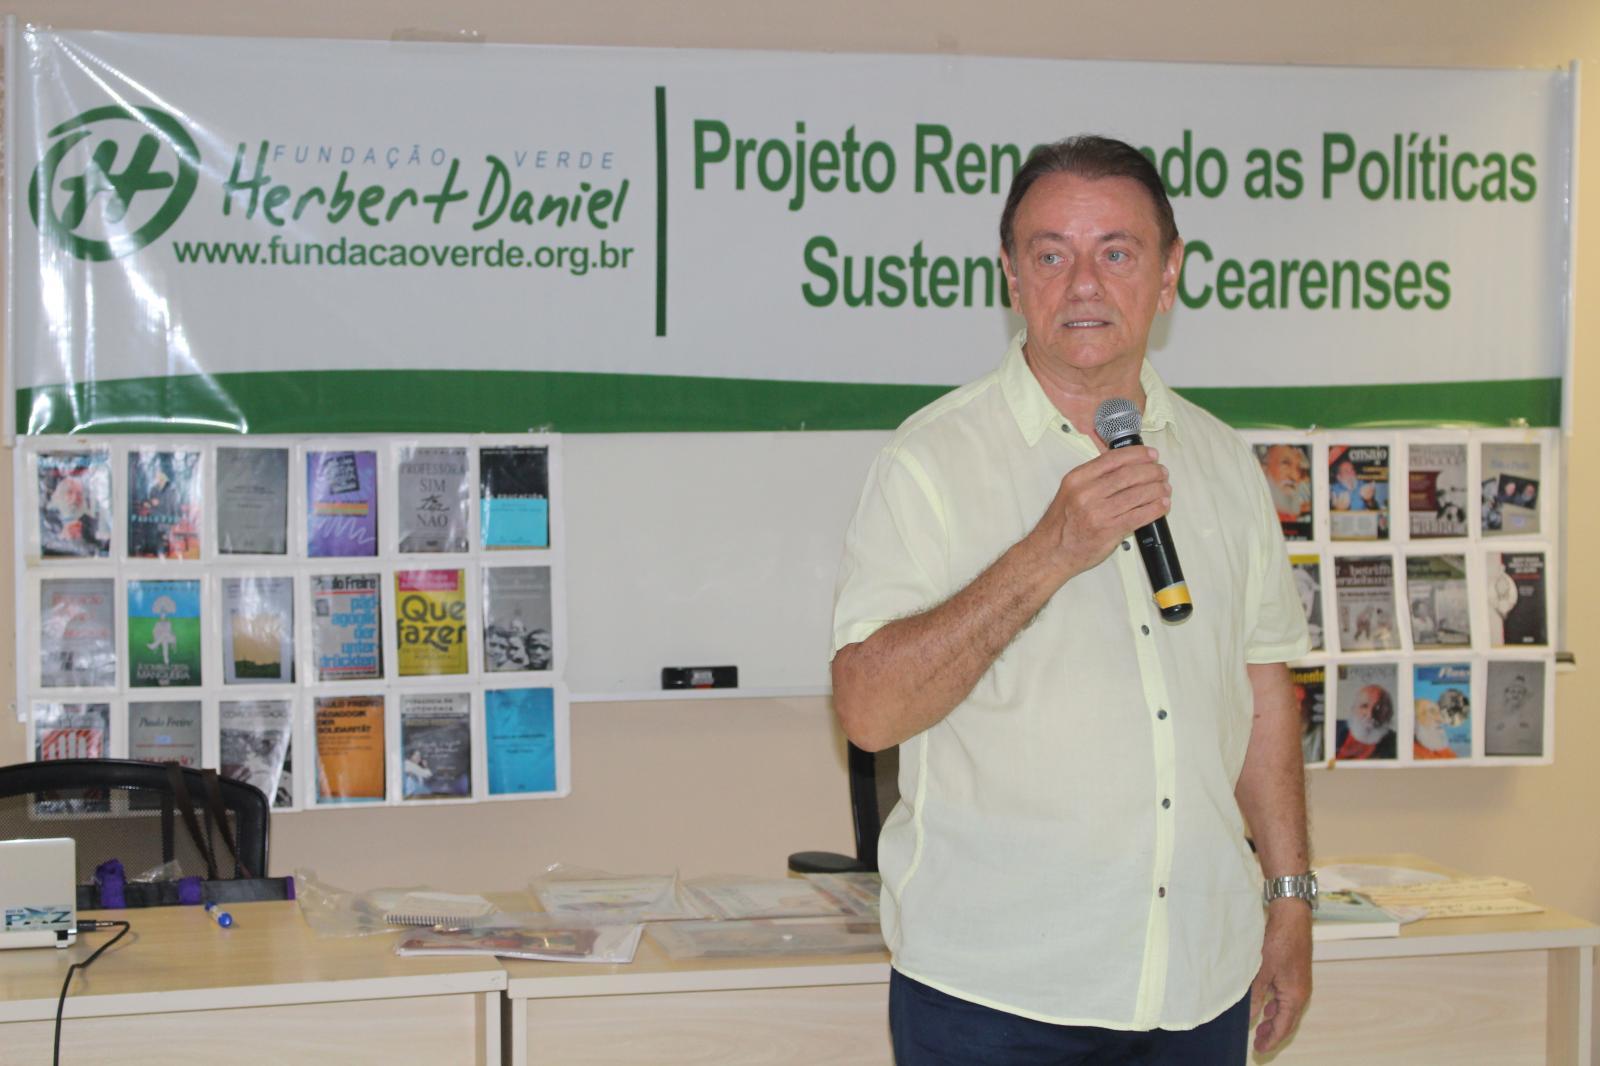 """Fundação Verde Herbert Daniel (FVHD) realiza Seminário """"A arte da comunicação e do diálogo"""""""